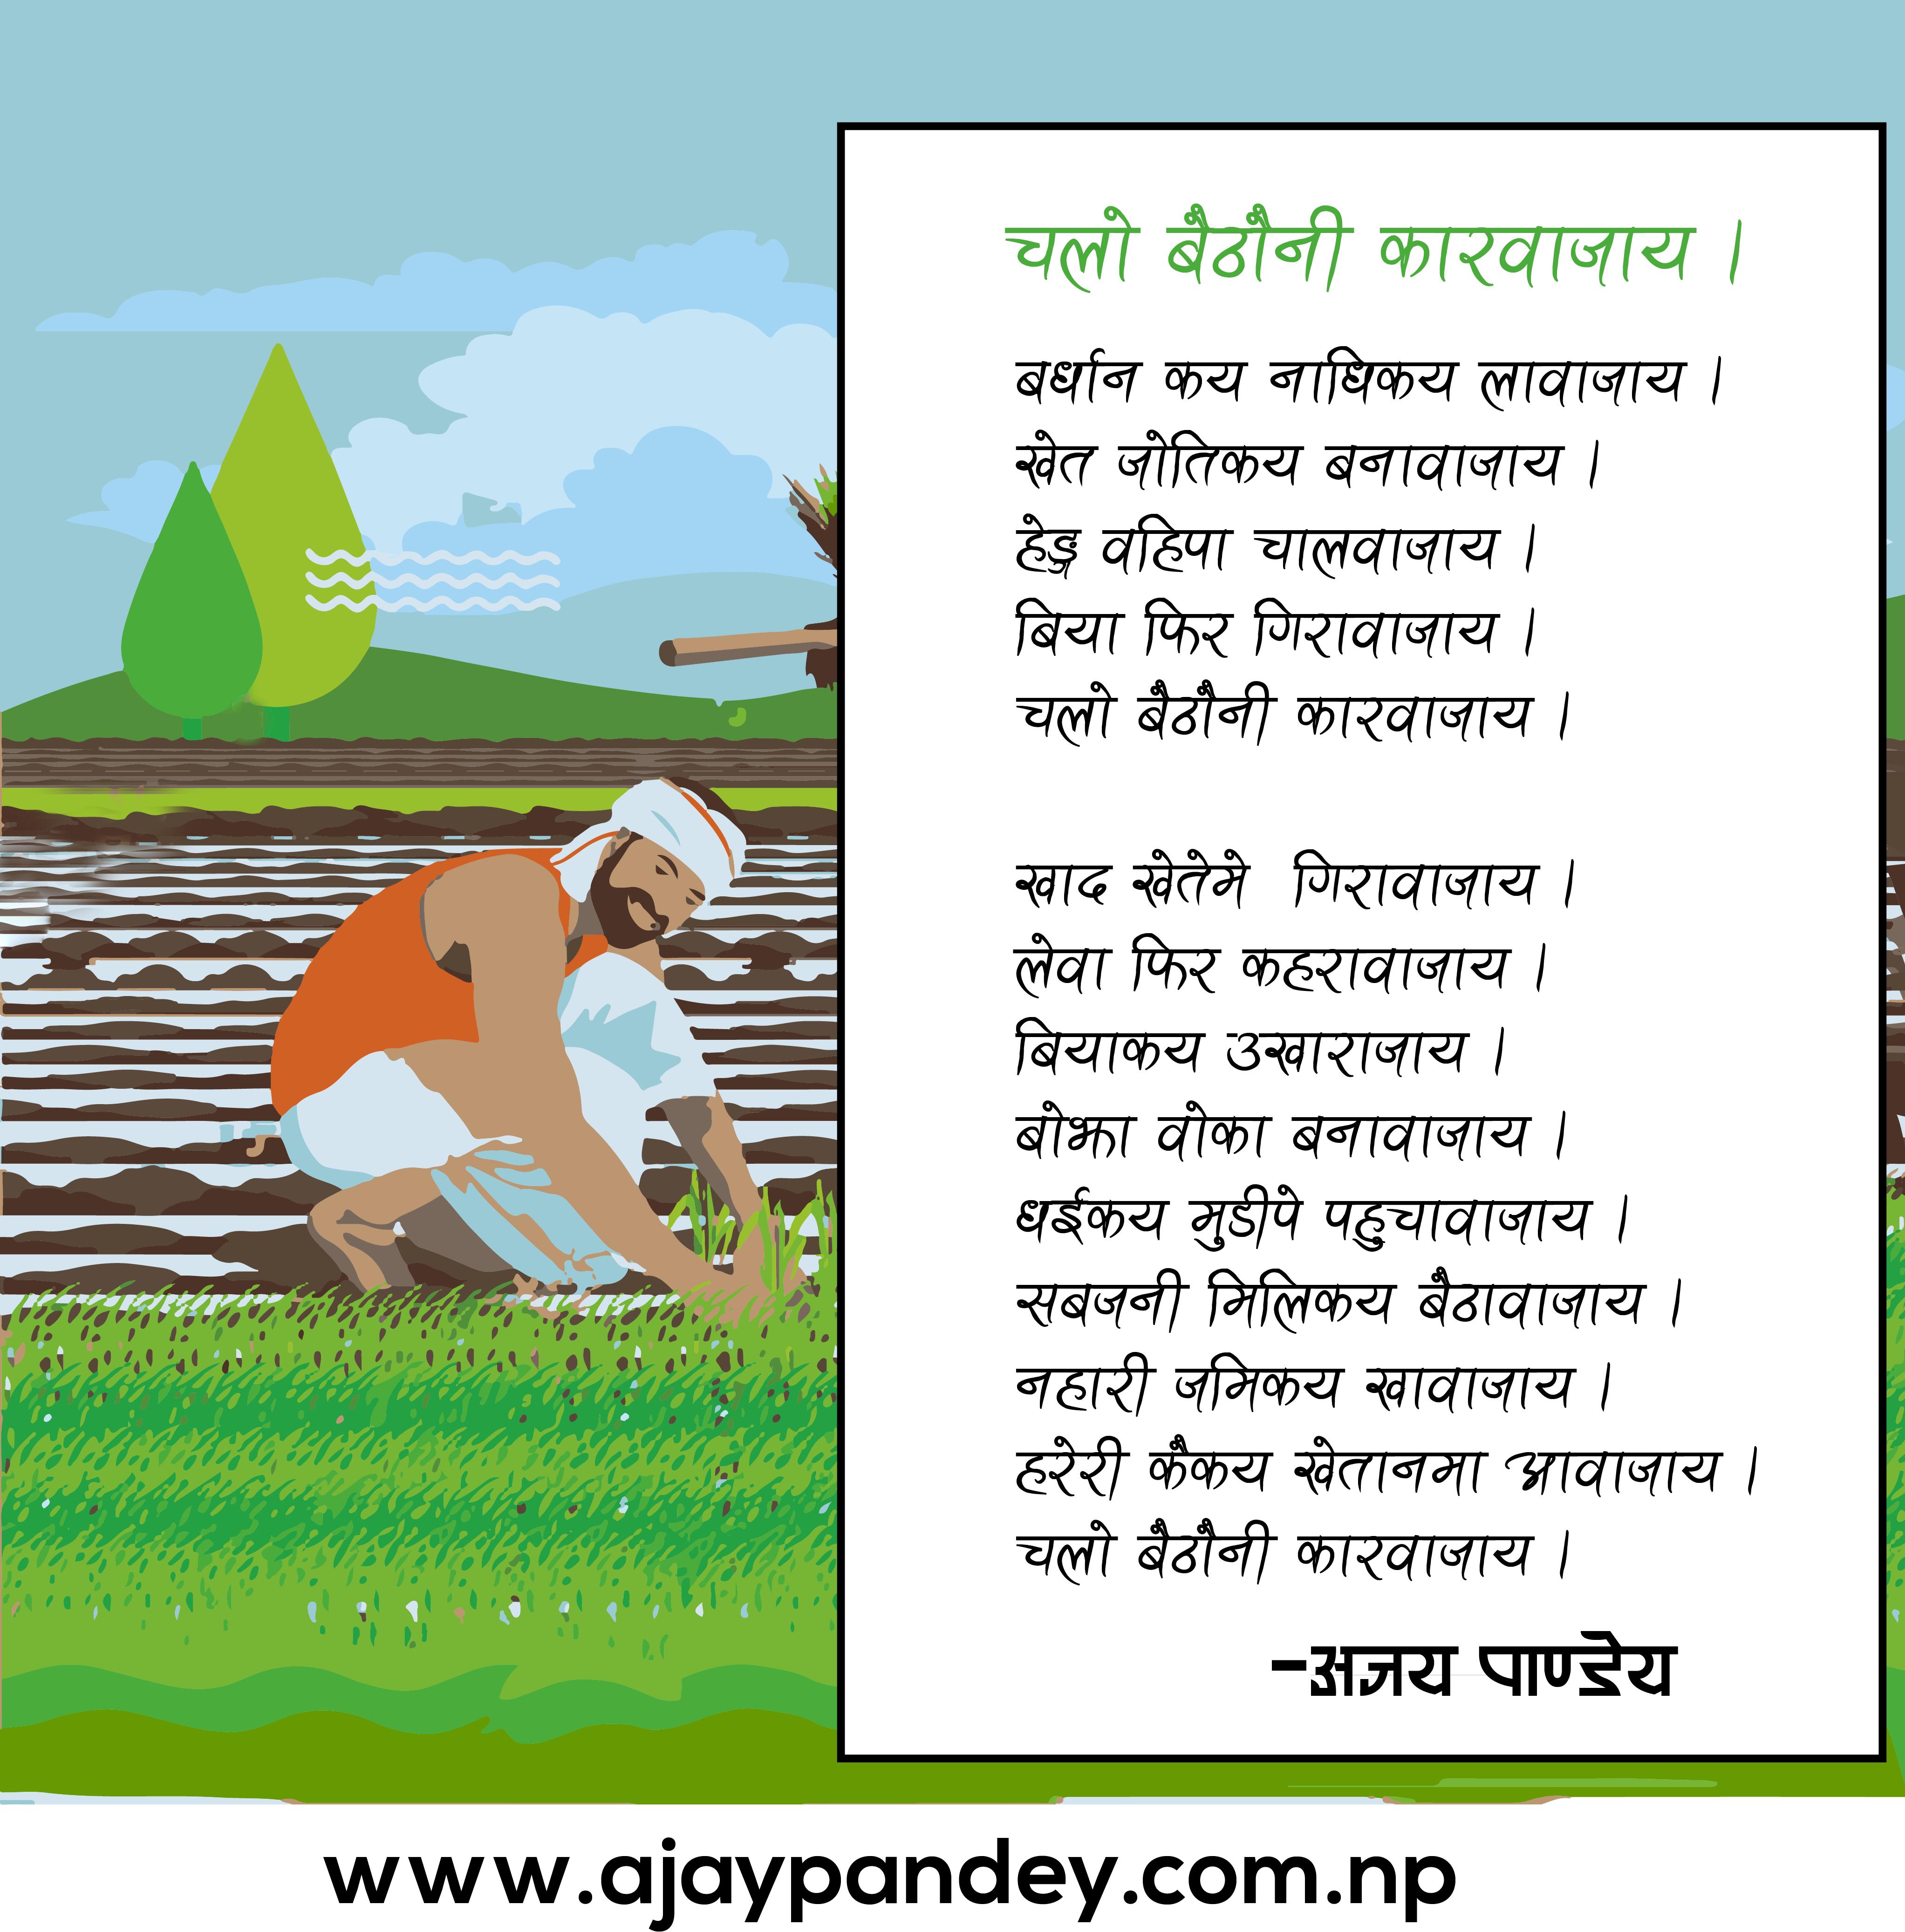 चलो बैठौनी कारवाजाय । Ajay Pandey